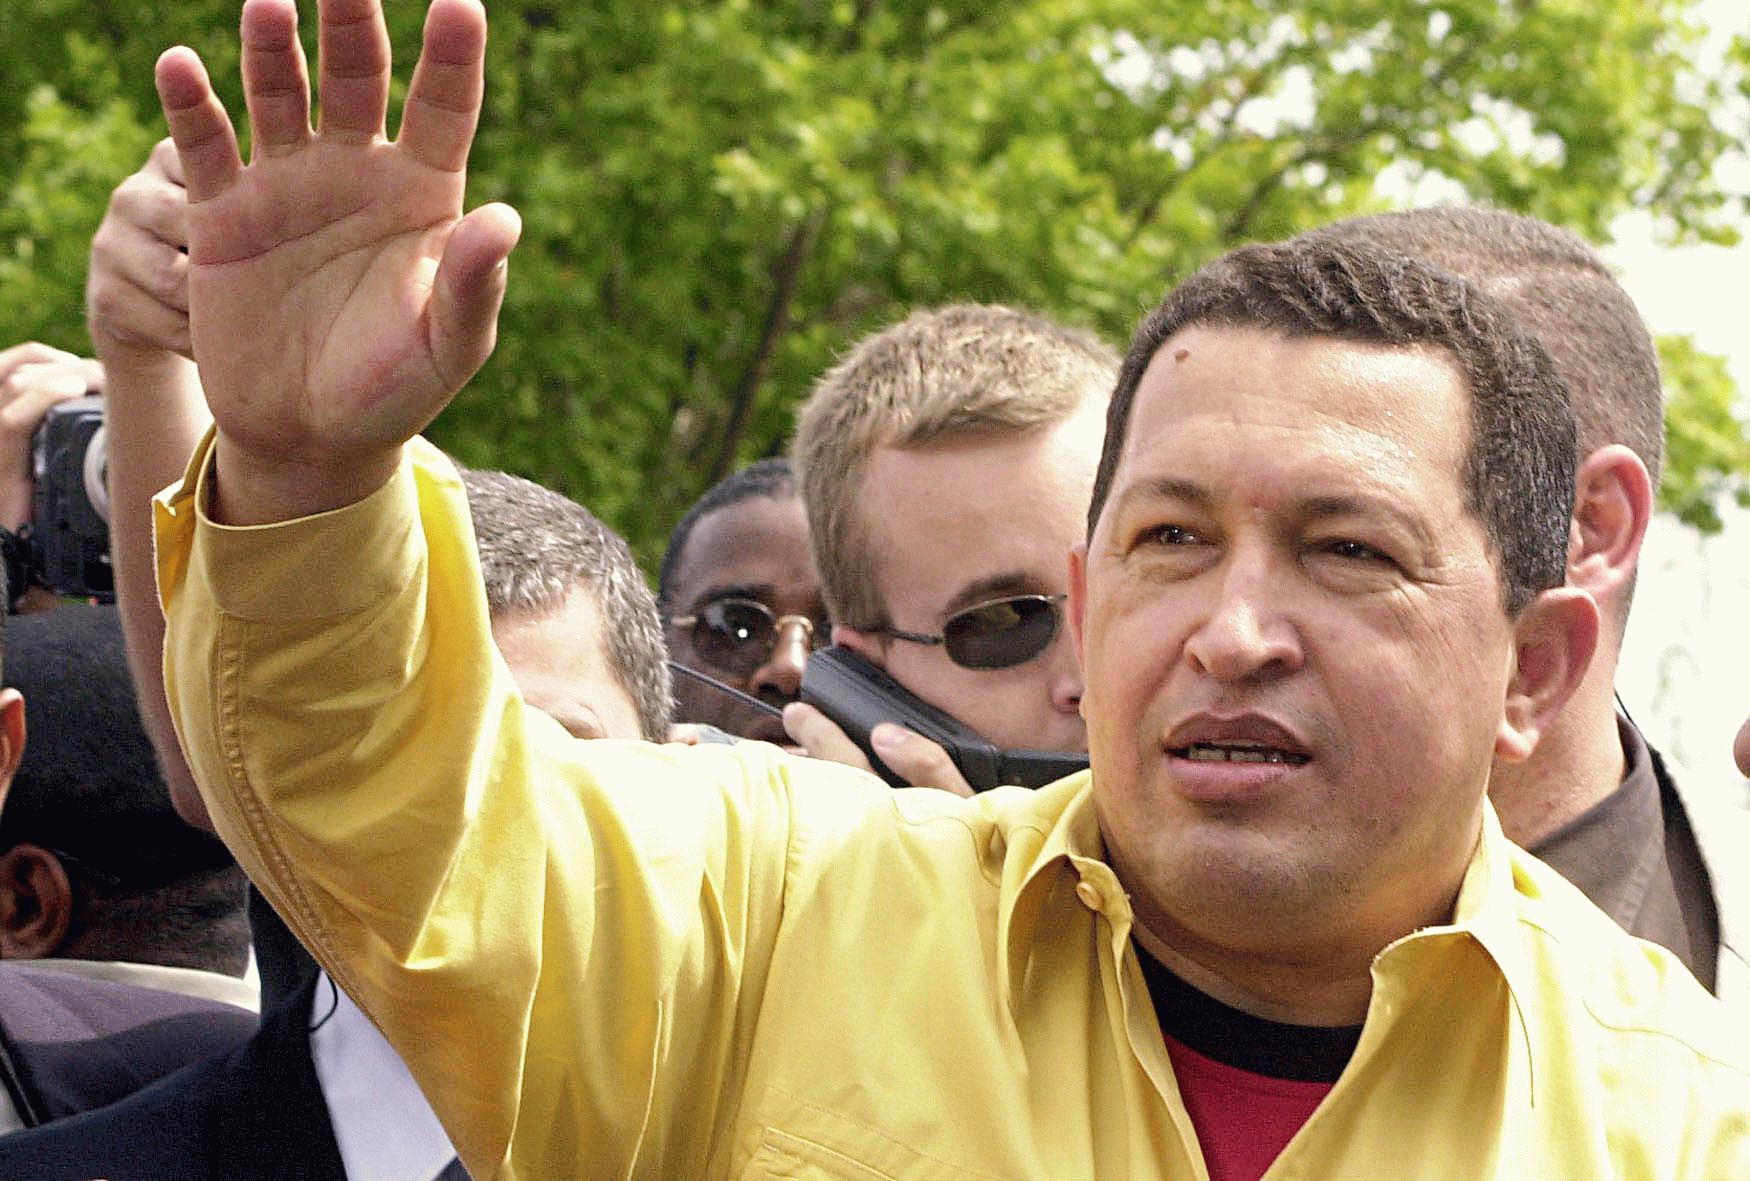 Hugo Chávez, de camisa amarela, saudando a multidão, com vários seguranças